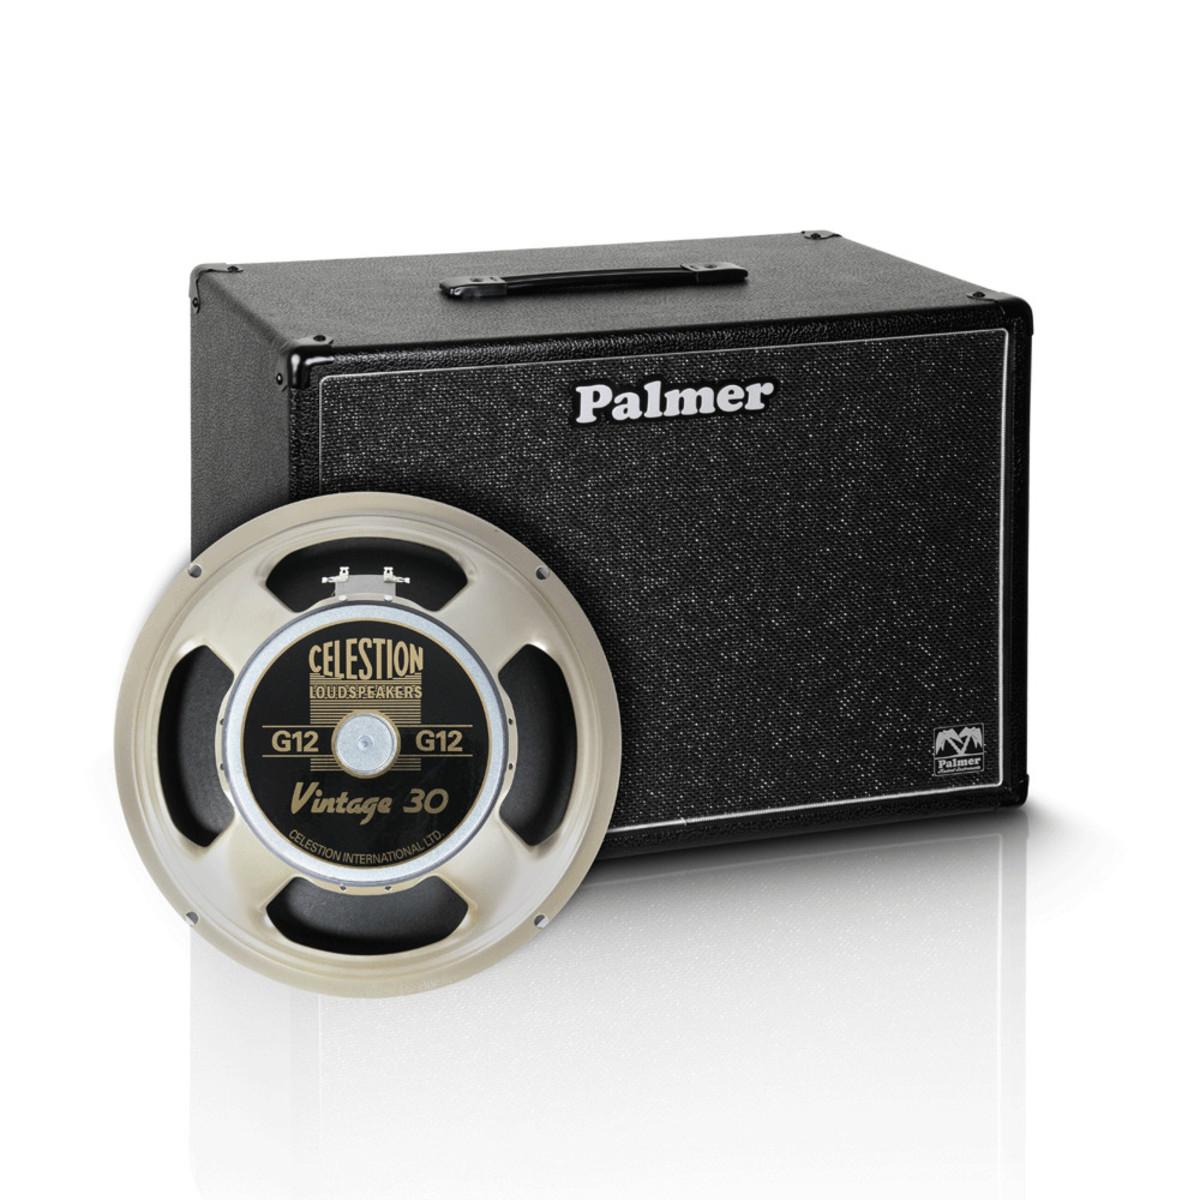 palmer 1 x 12 celestion vintage 30 speaker cabinet 8 ohms at gear4music. Black Bedroom Furniture Sets. Home Design Ideas